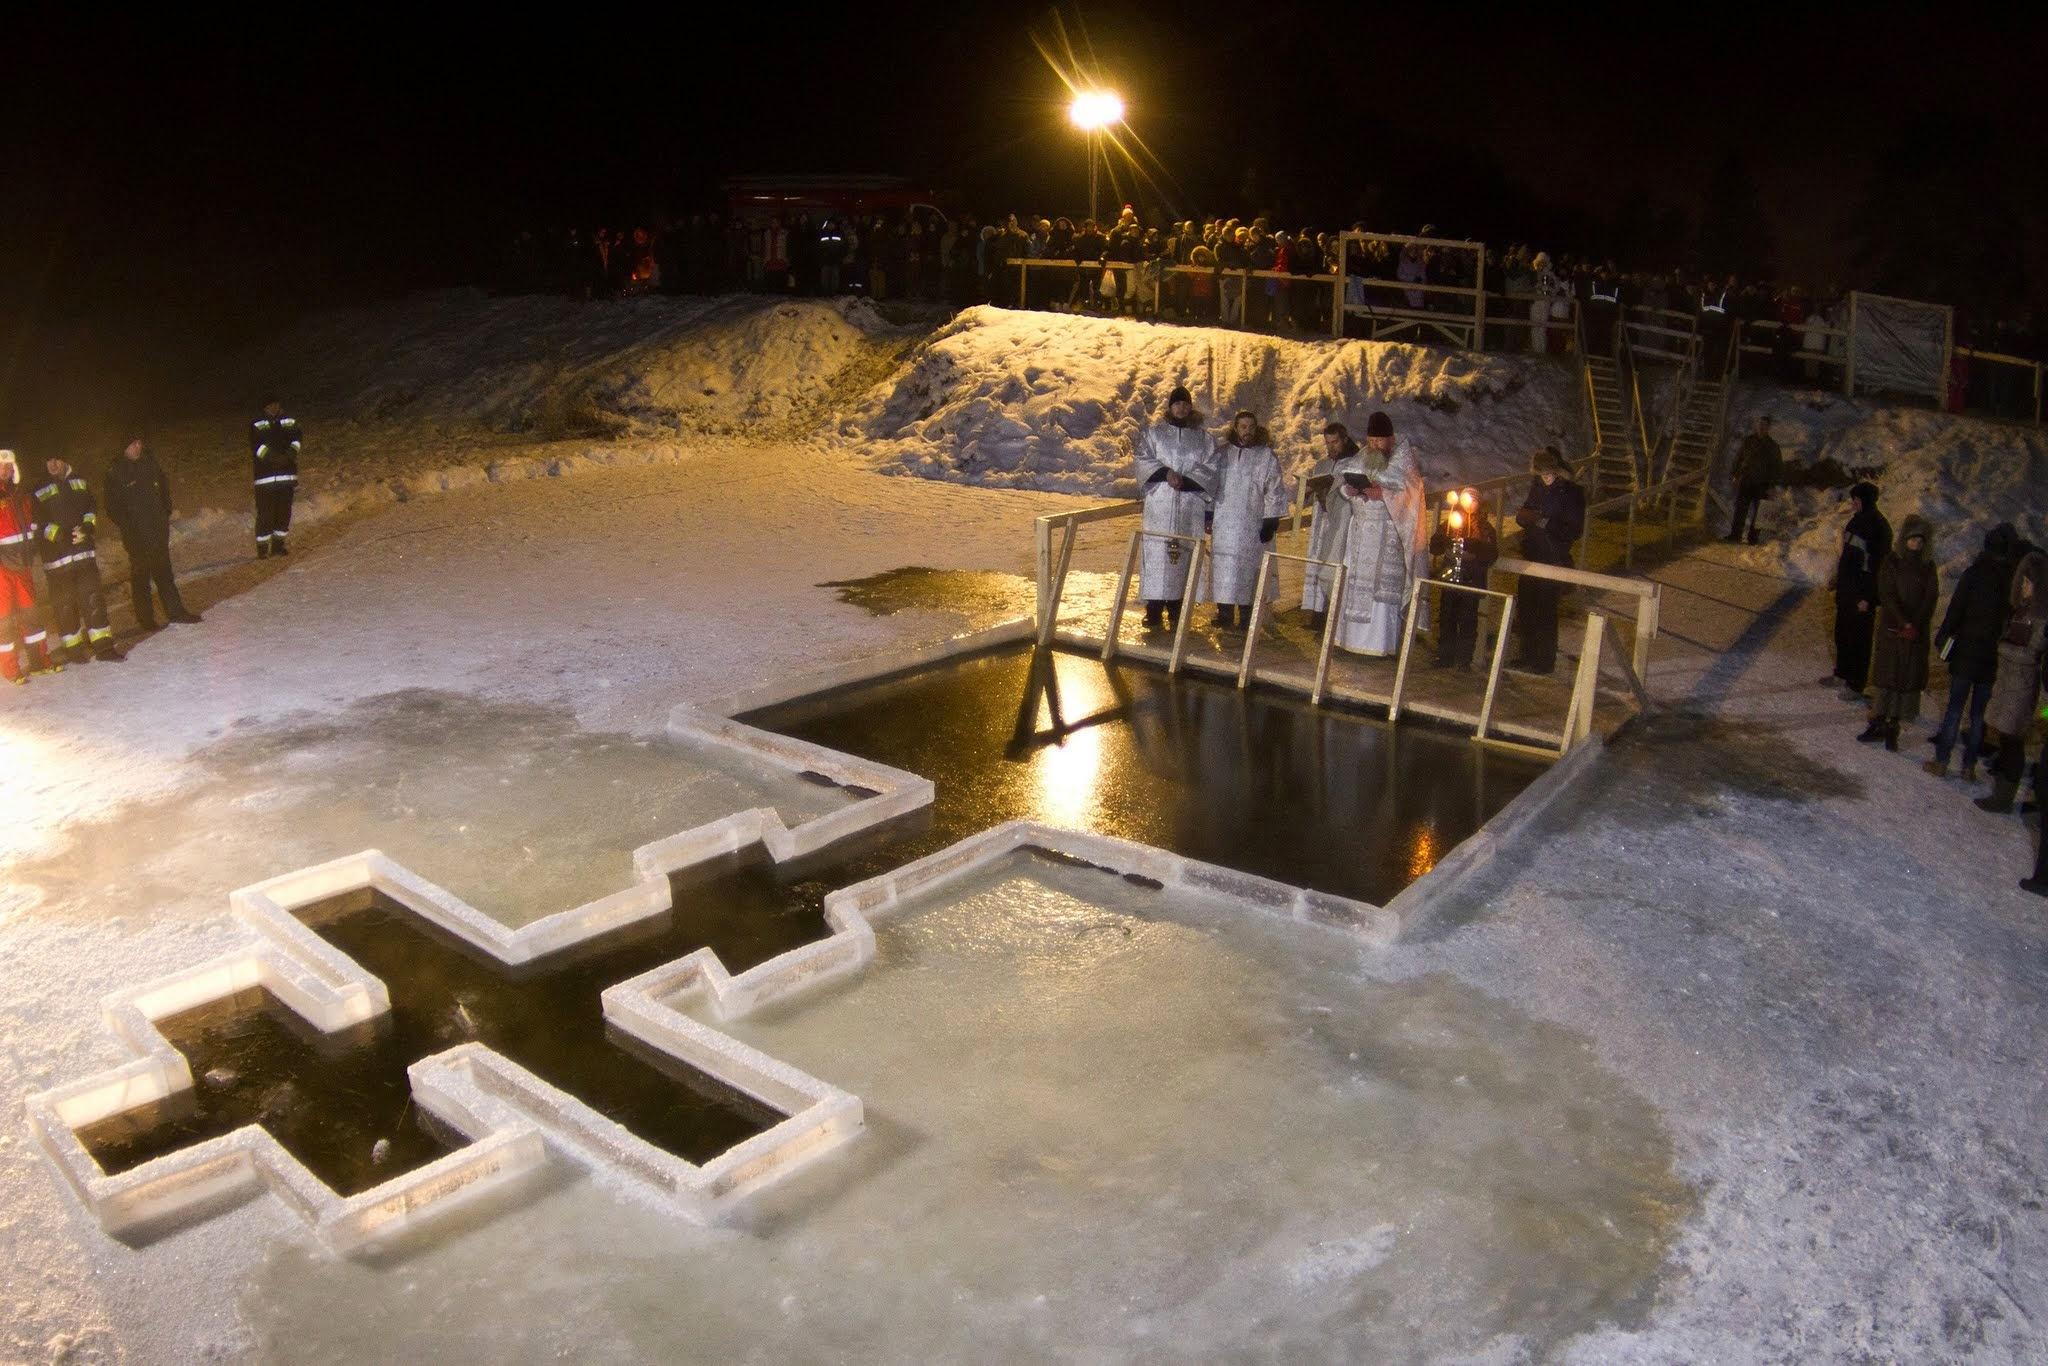 Мэрия Нижнего Тагила решила помимо полиции привлечь частную охранную организацию на крещенские купания